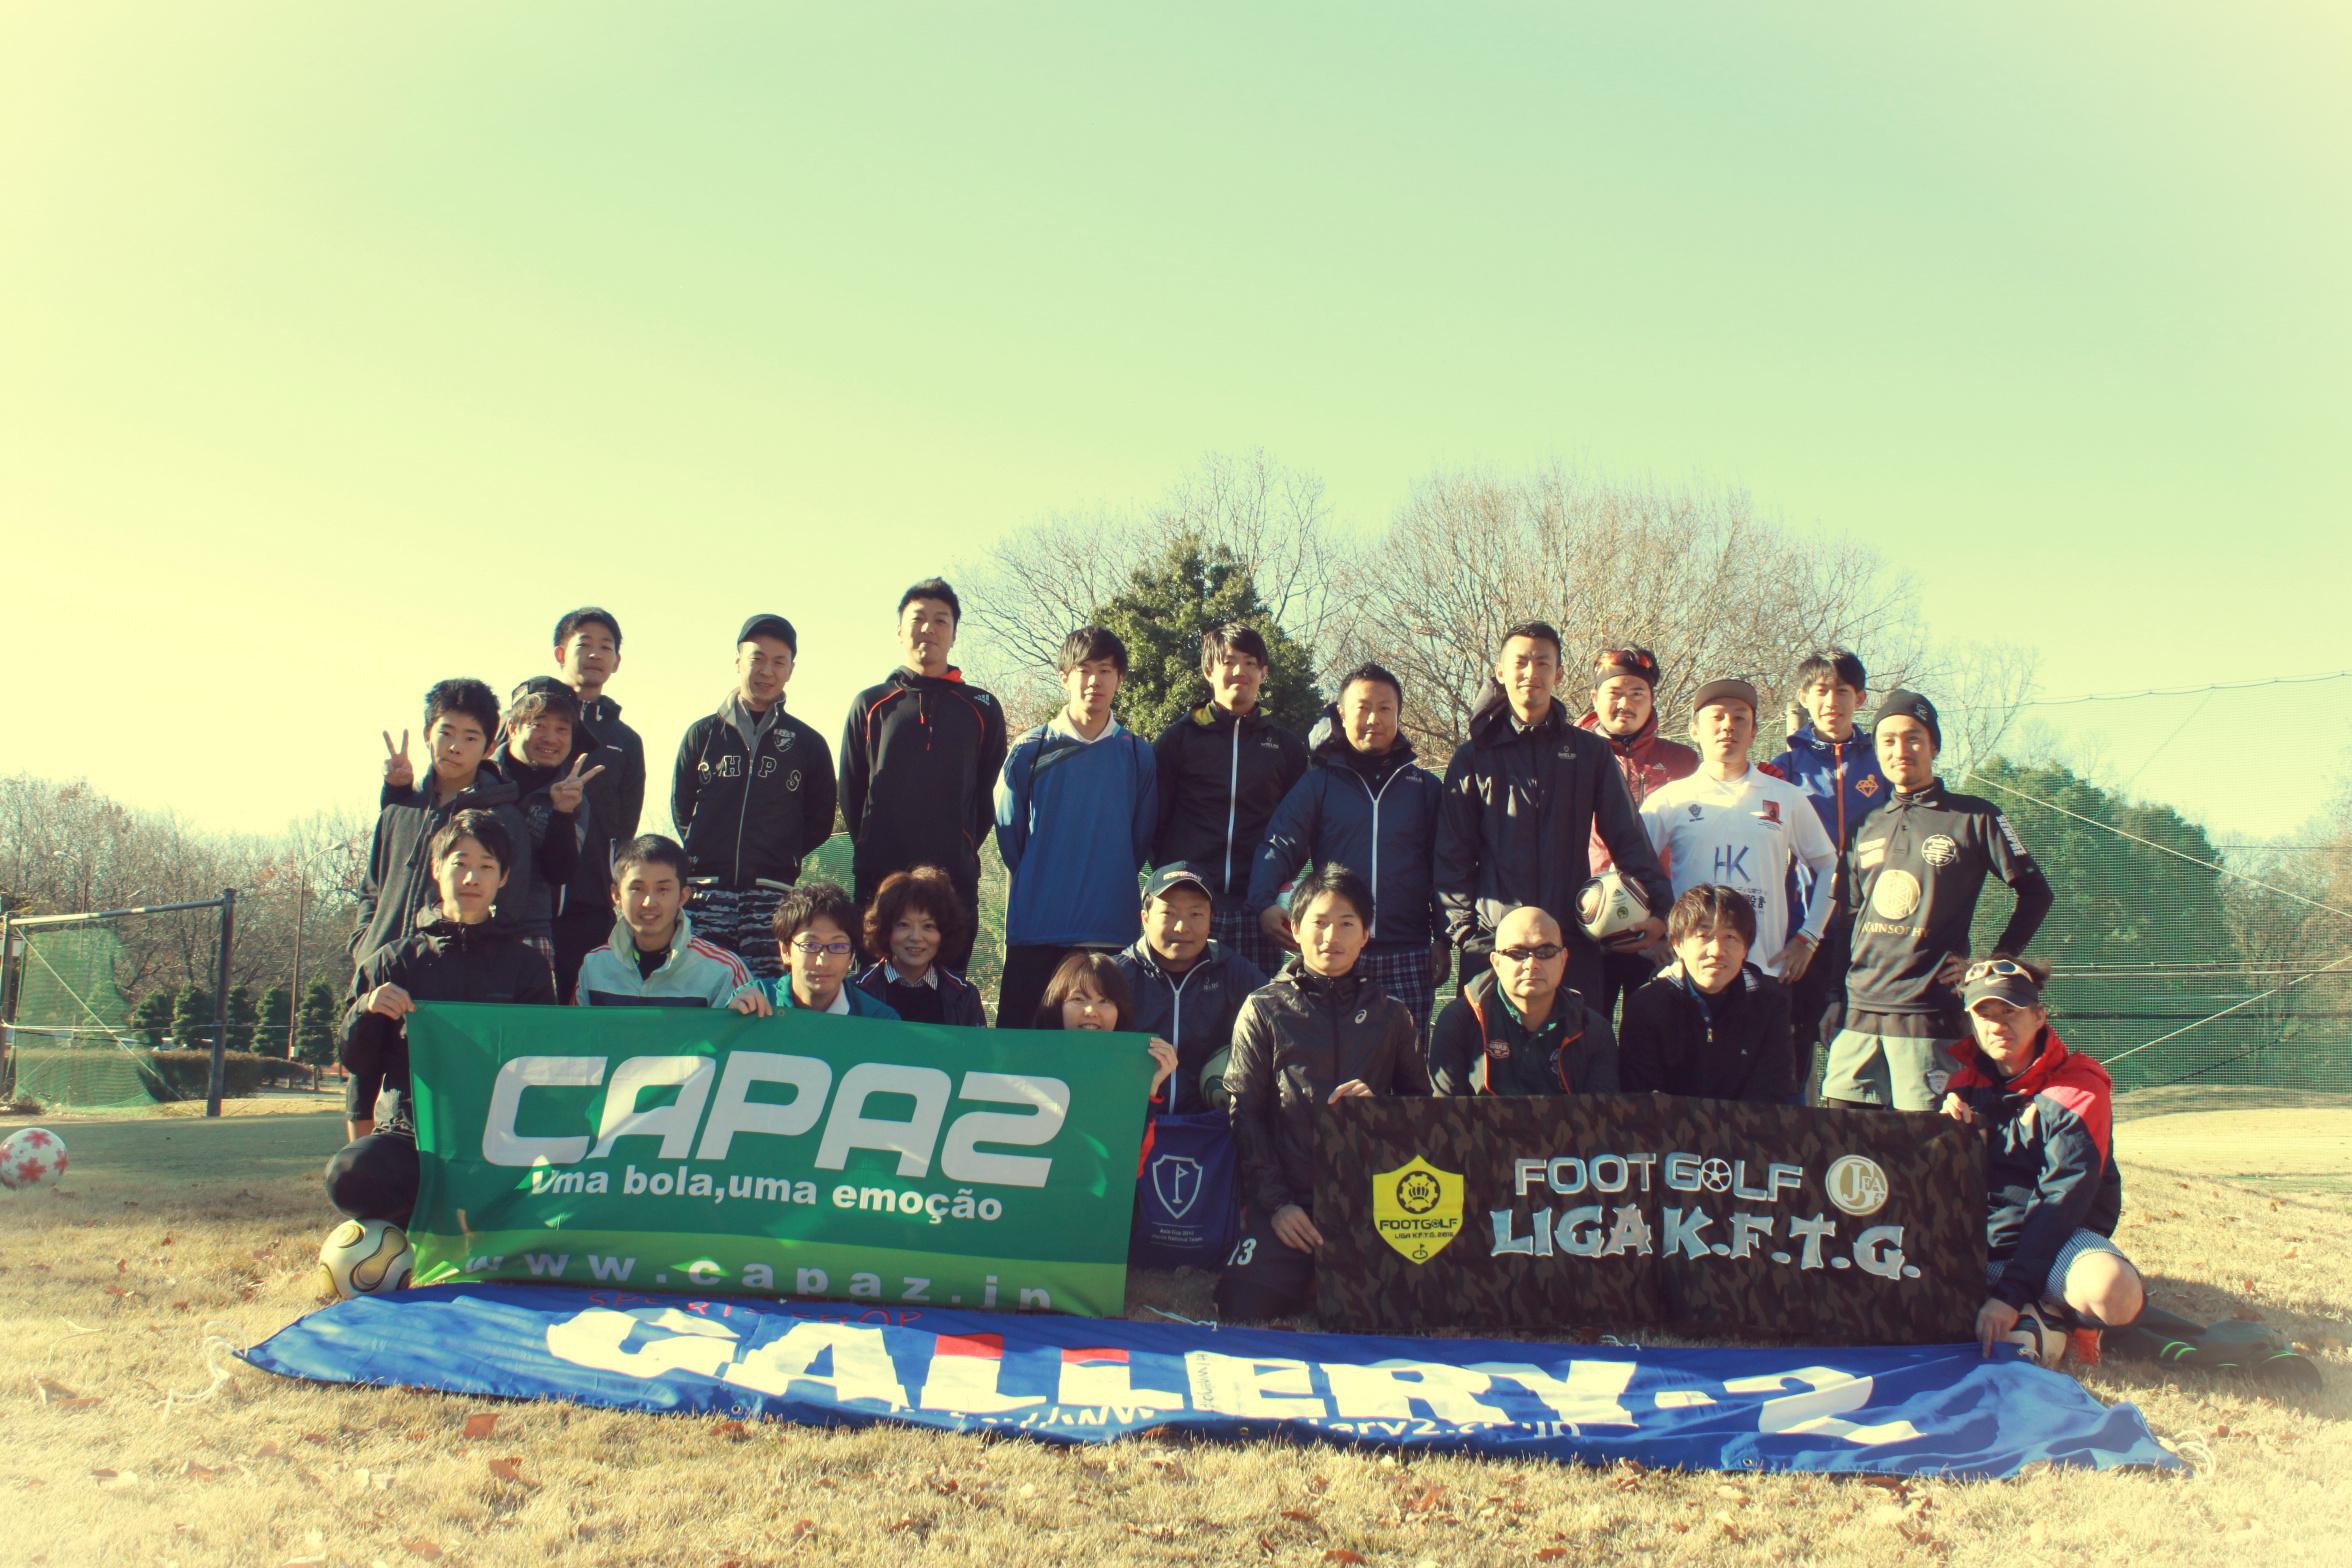 関東フットゴルフリーグ